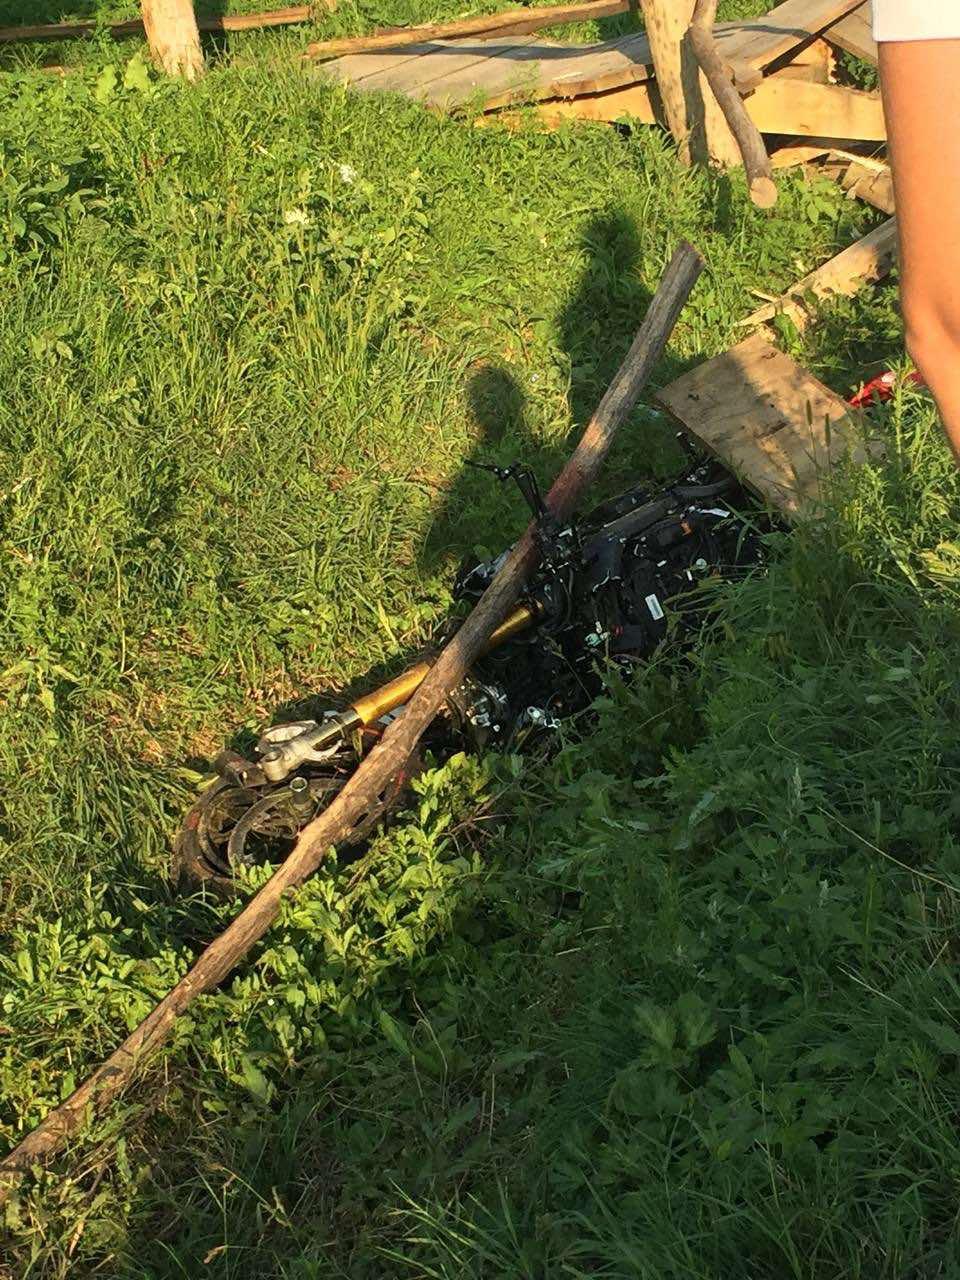 ВКалараше мотоциклист лишился ноги врезультате аварии (ФОТО)